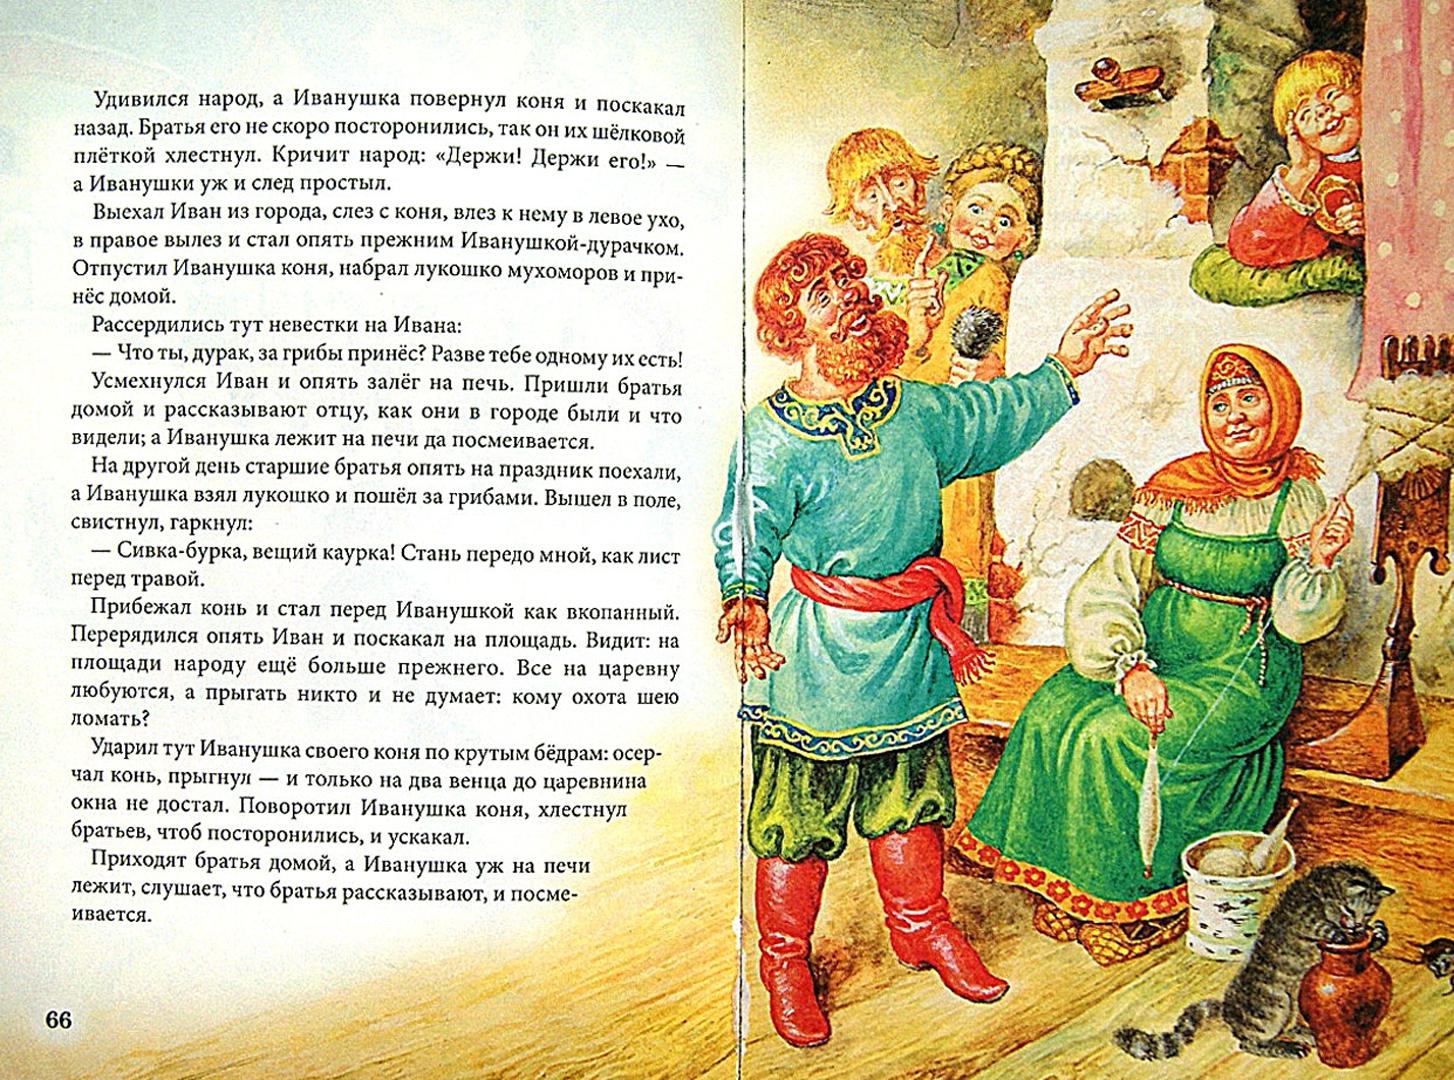 Иллюстрация 1 из 20 для Сивка-Бурка. Сказки | Лабиринт - книги. Источник: Лабиринт